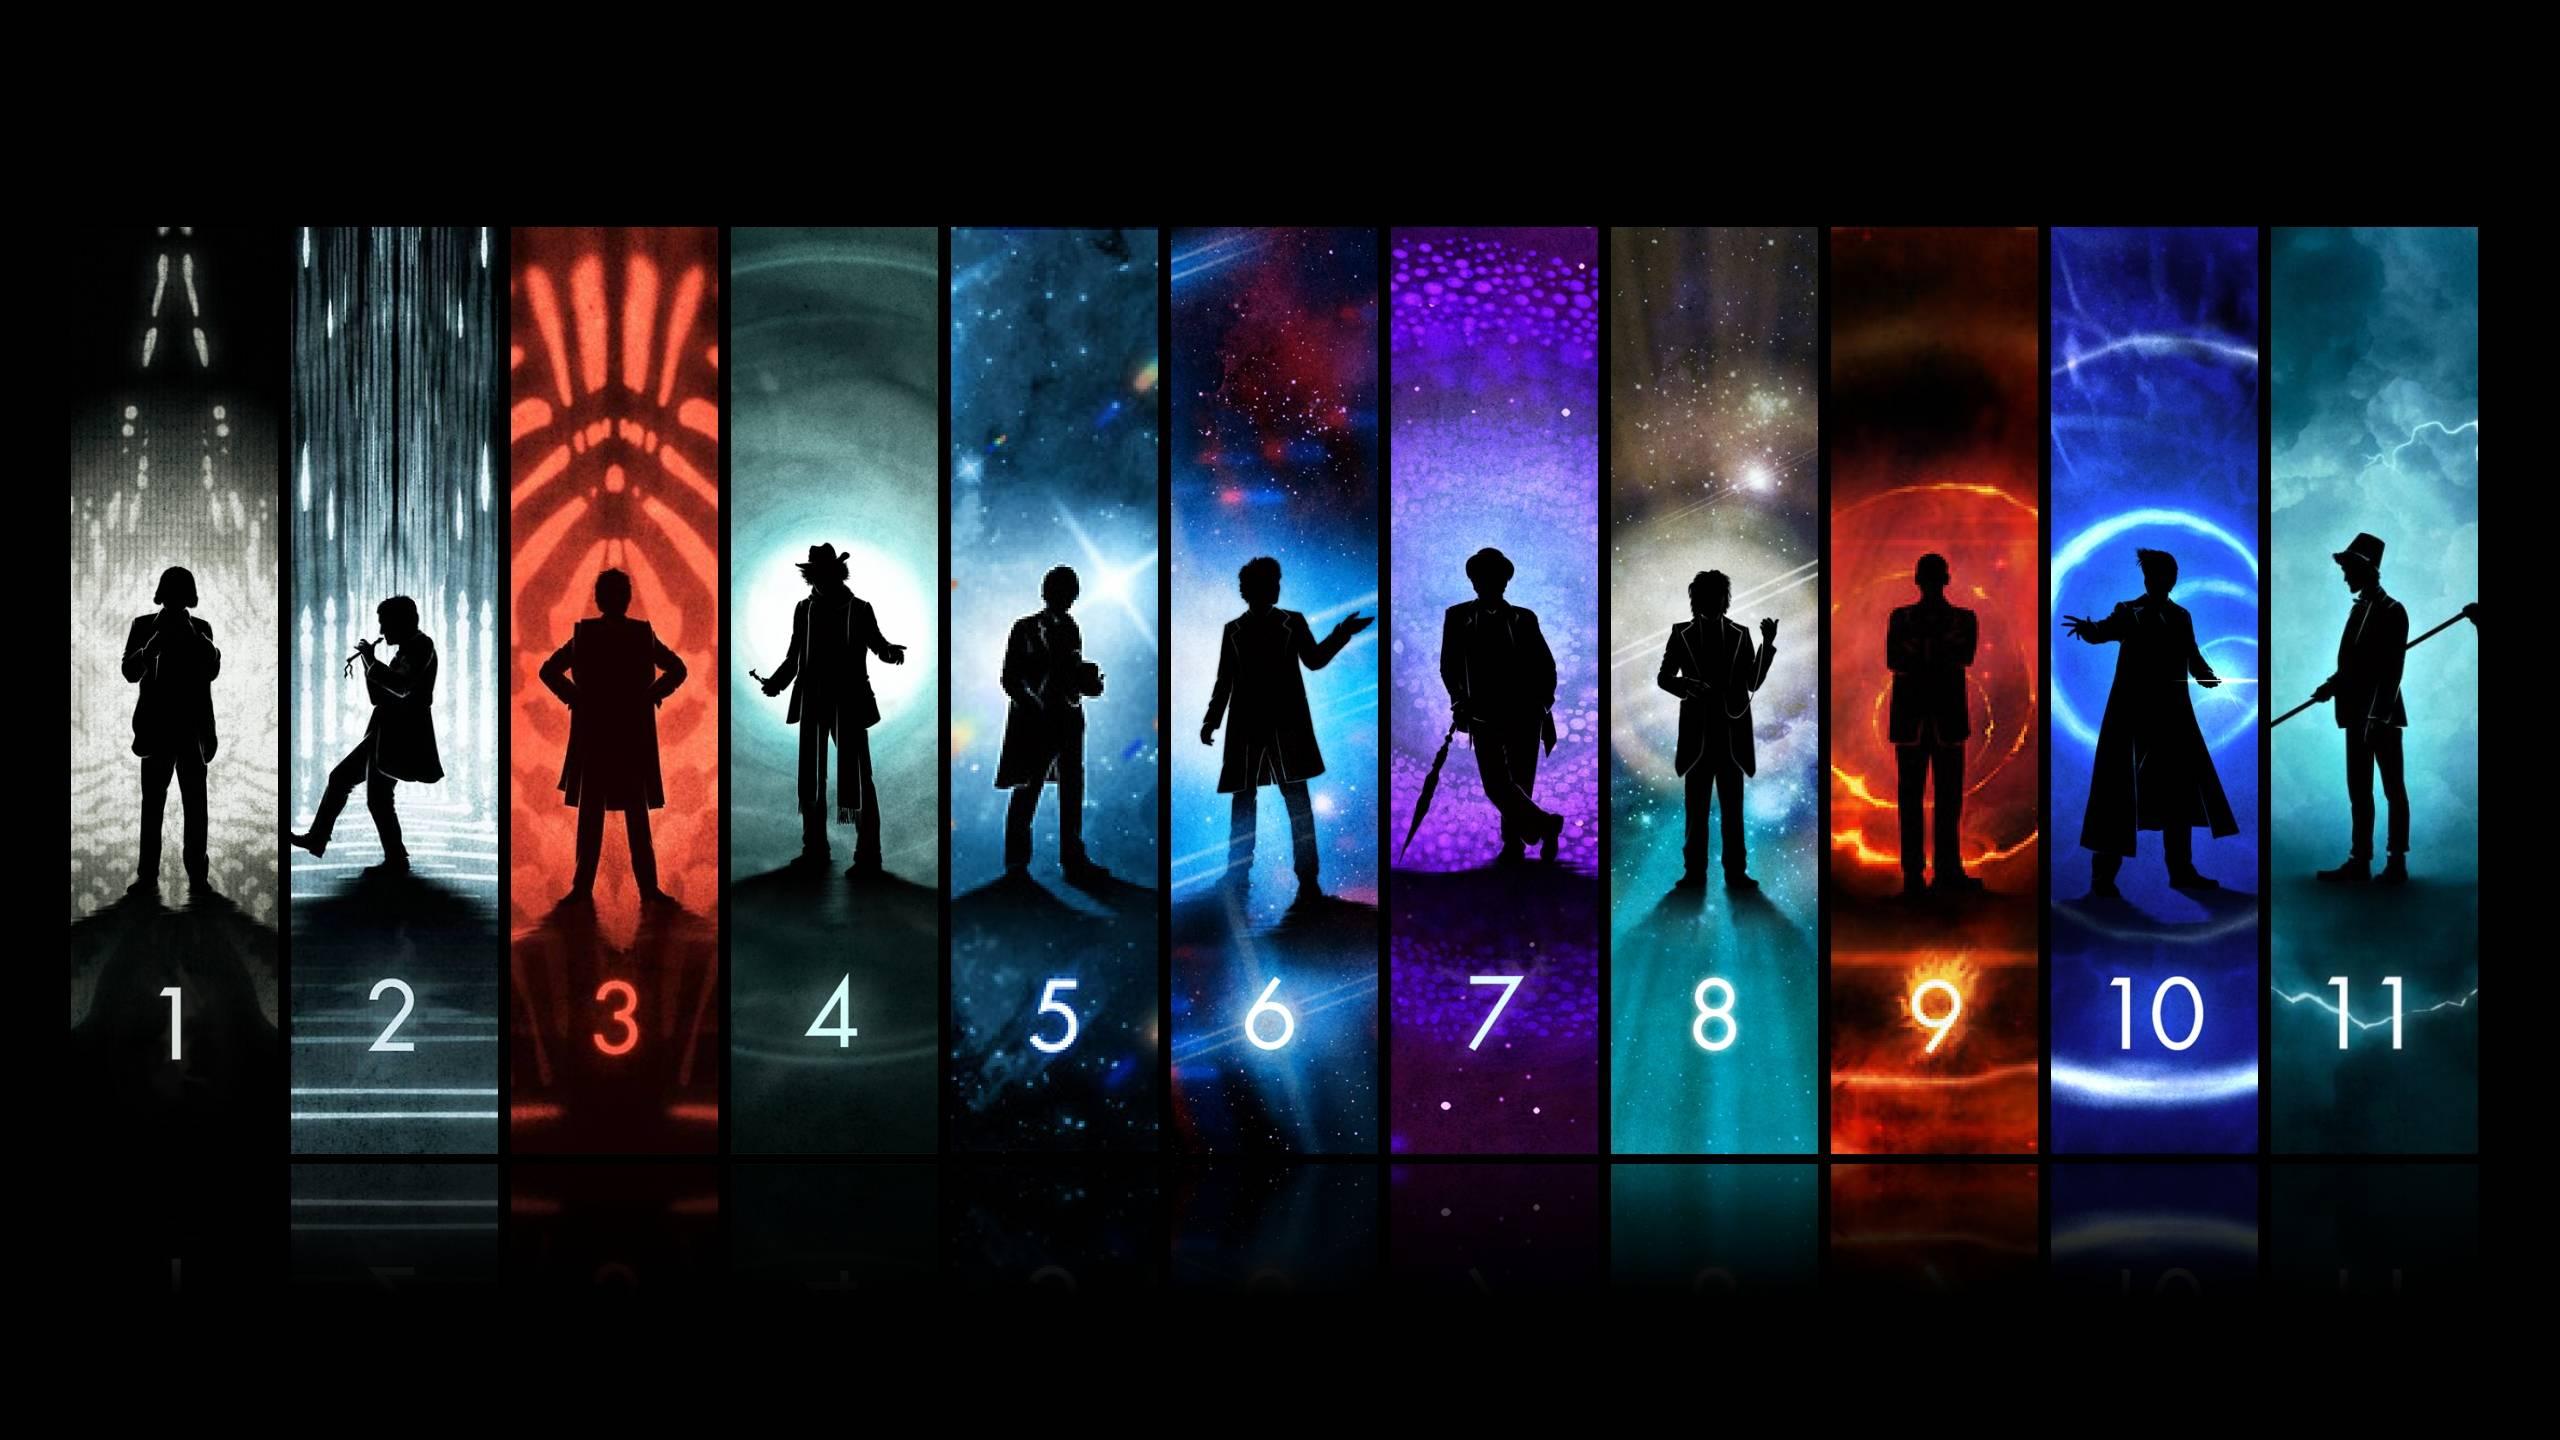 The Doctors by Matt Ferguson Art doctorwho 2560x1440